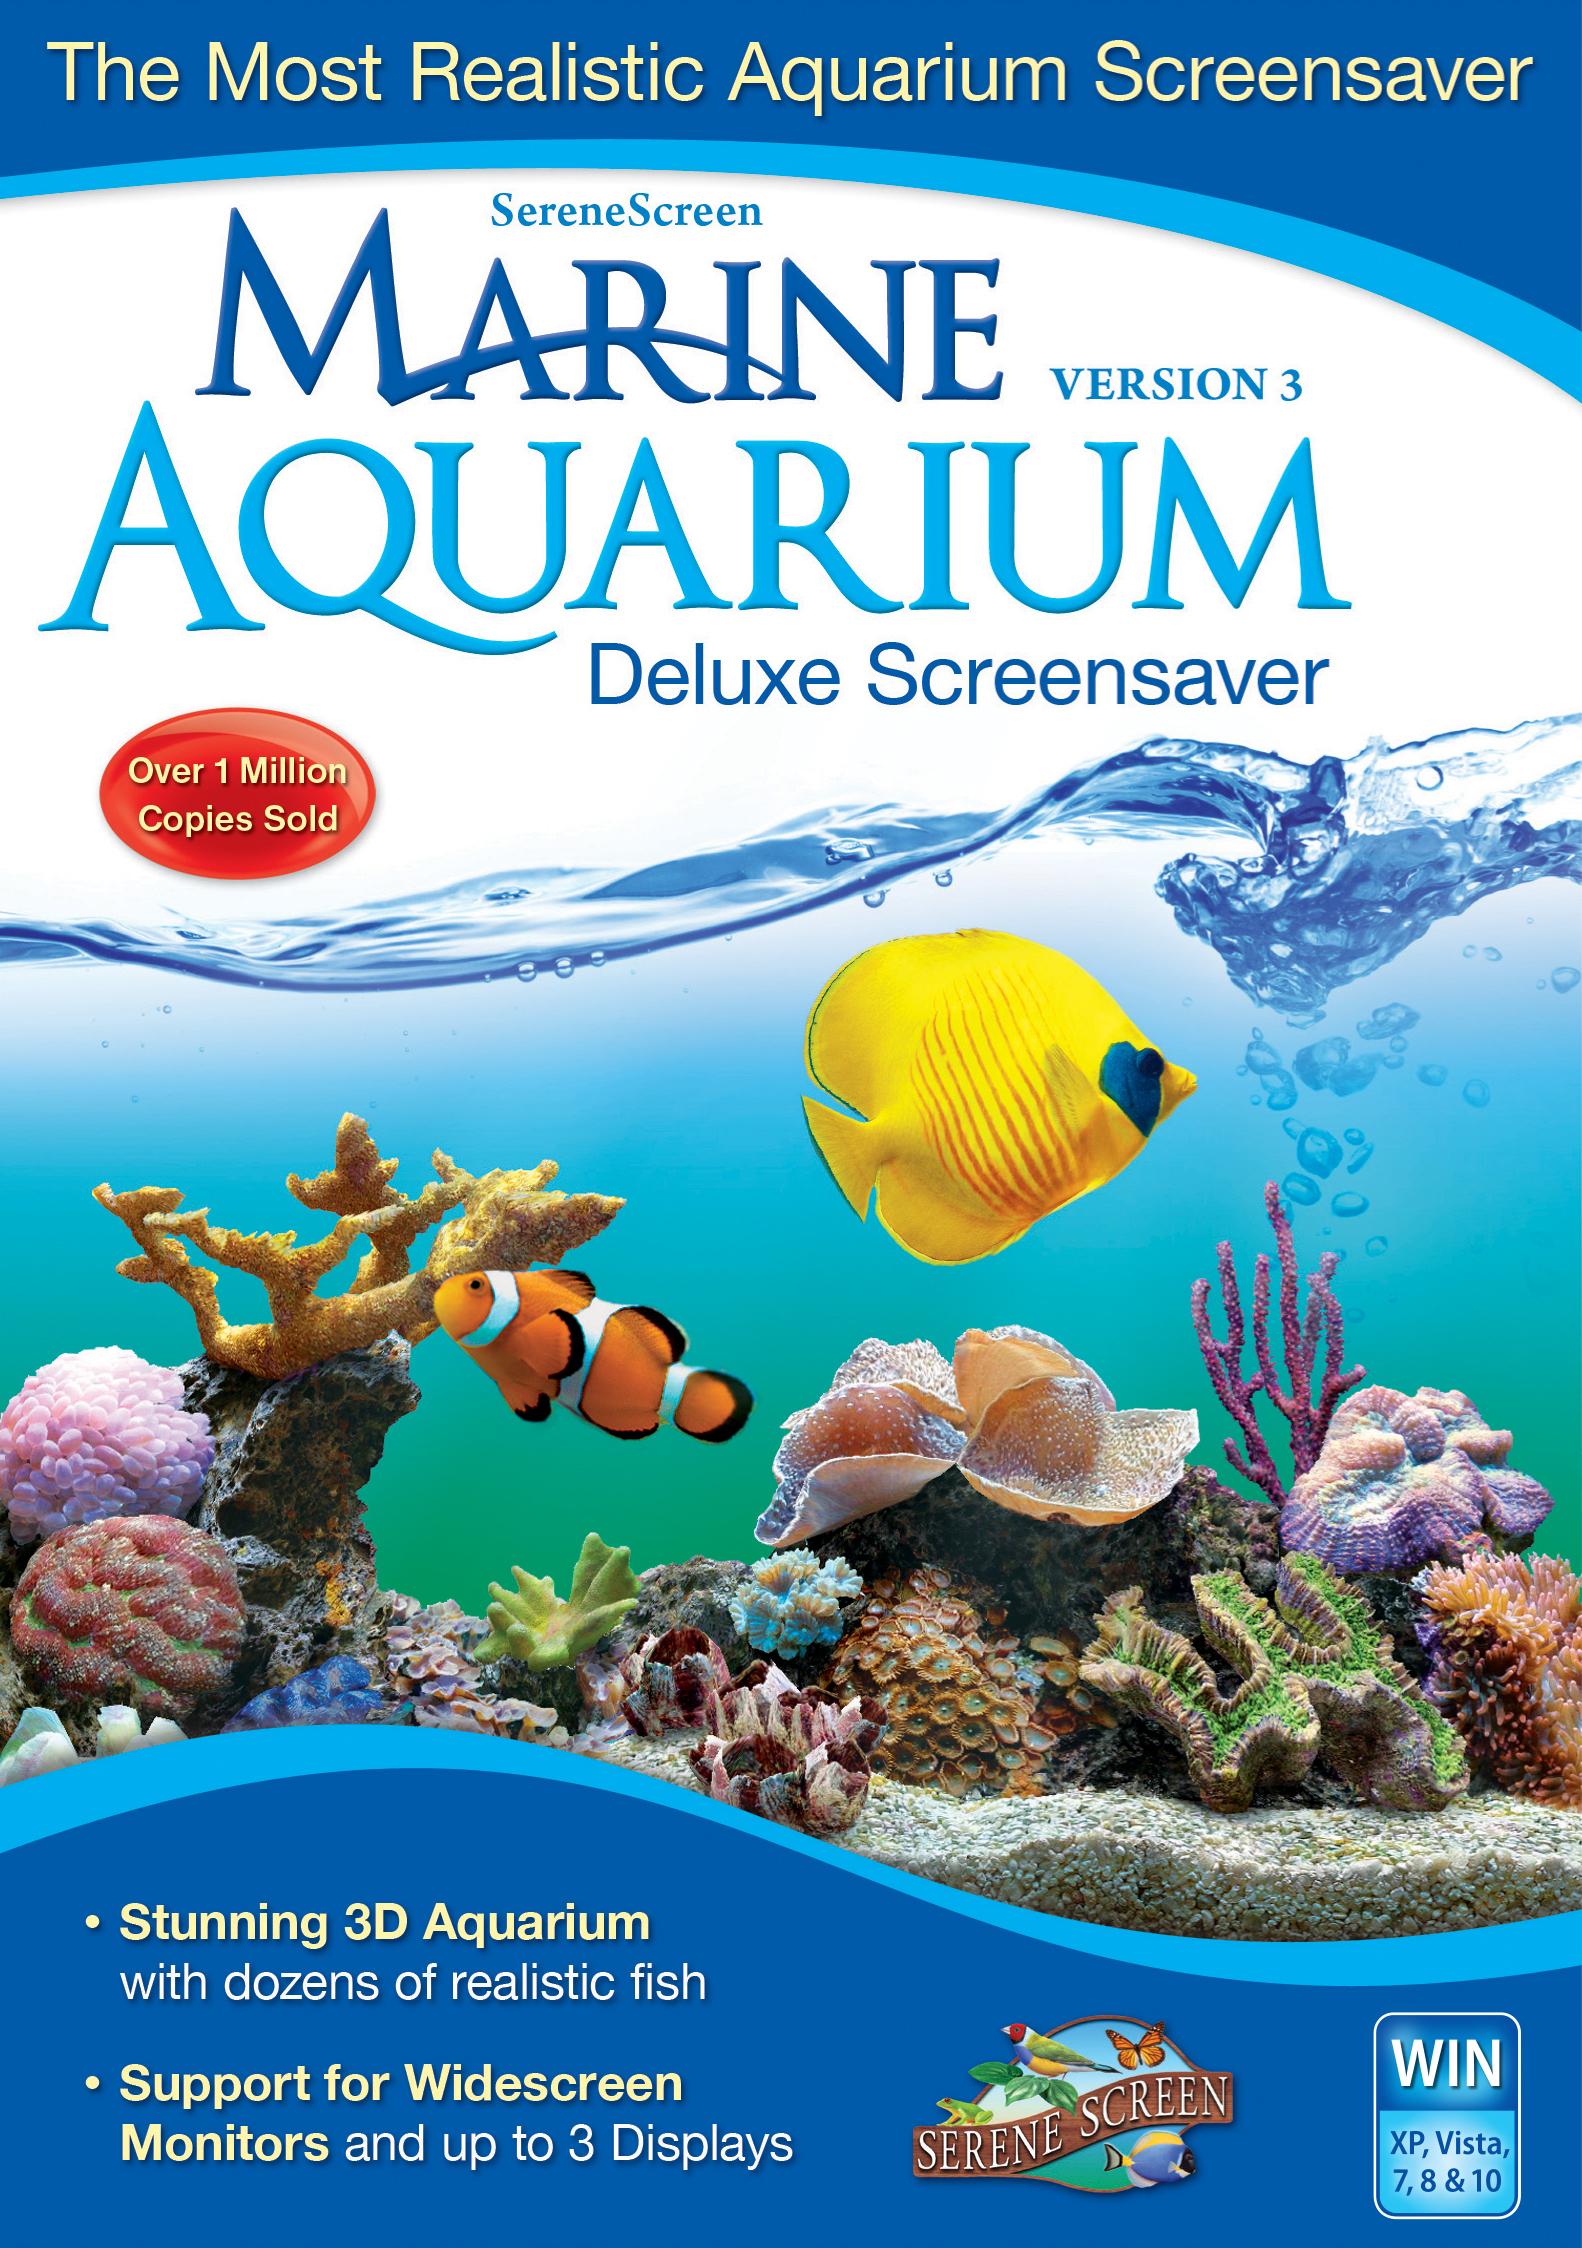 Best Aquarium Screensaver For Windows 10